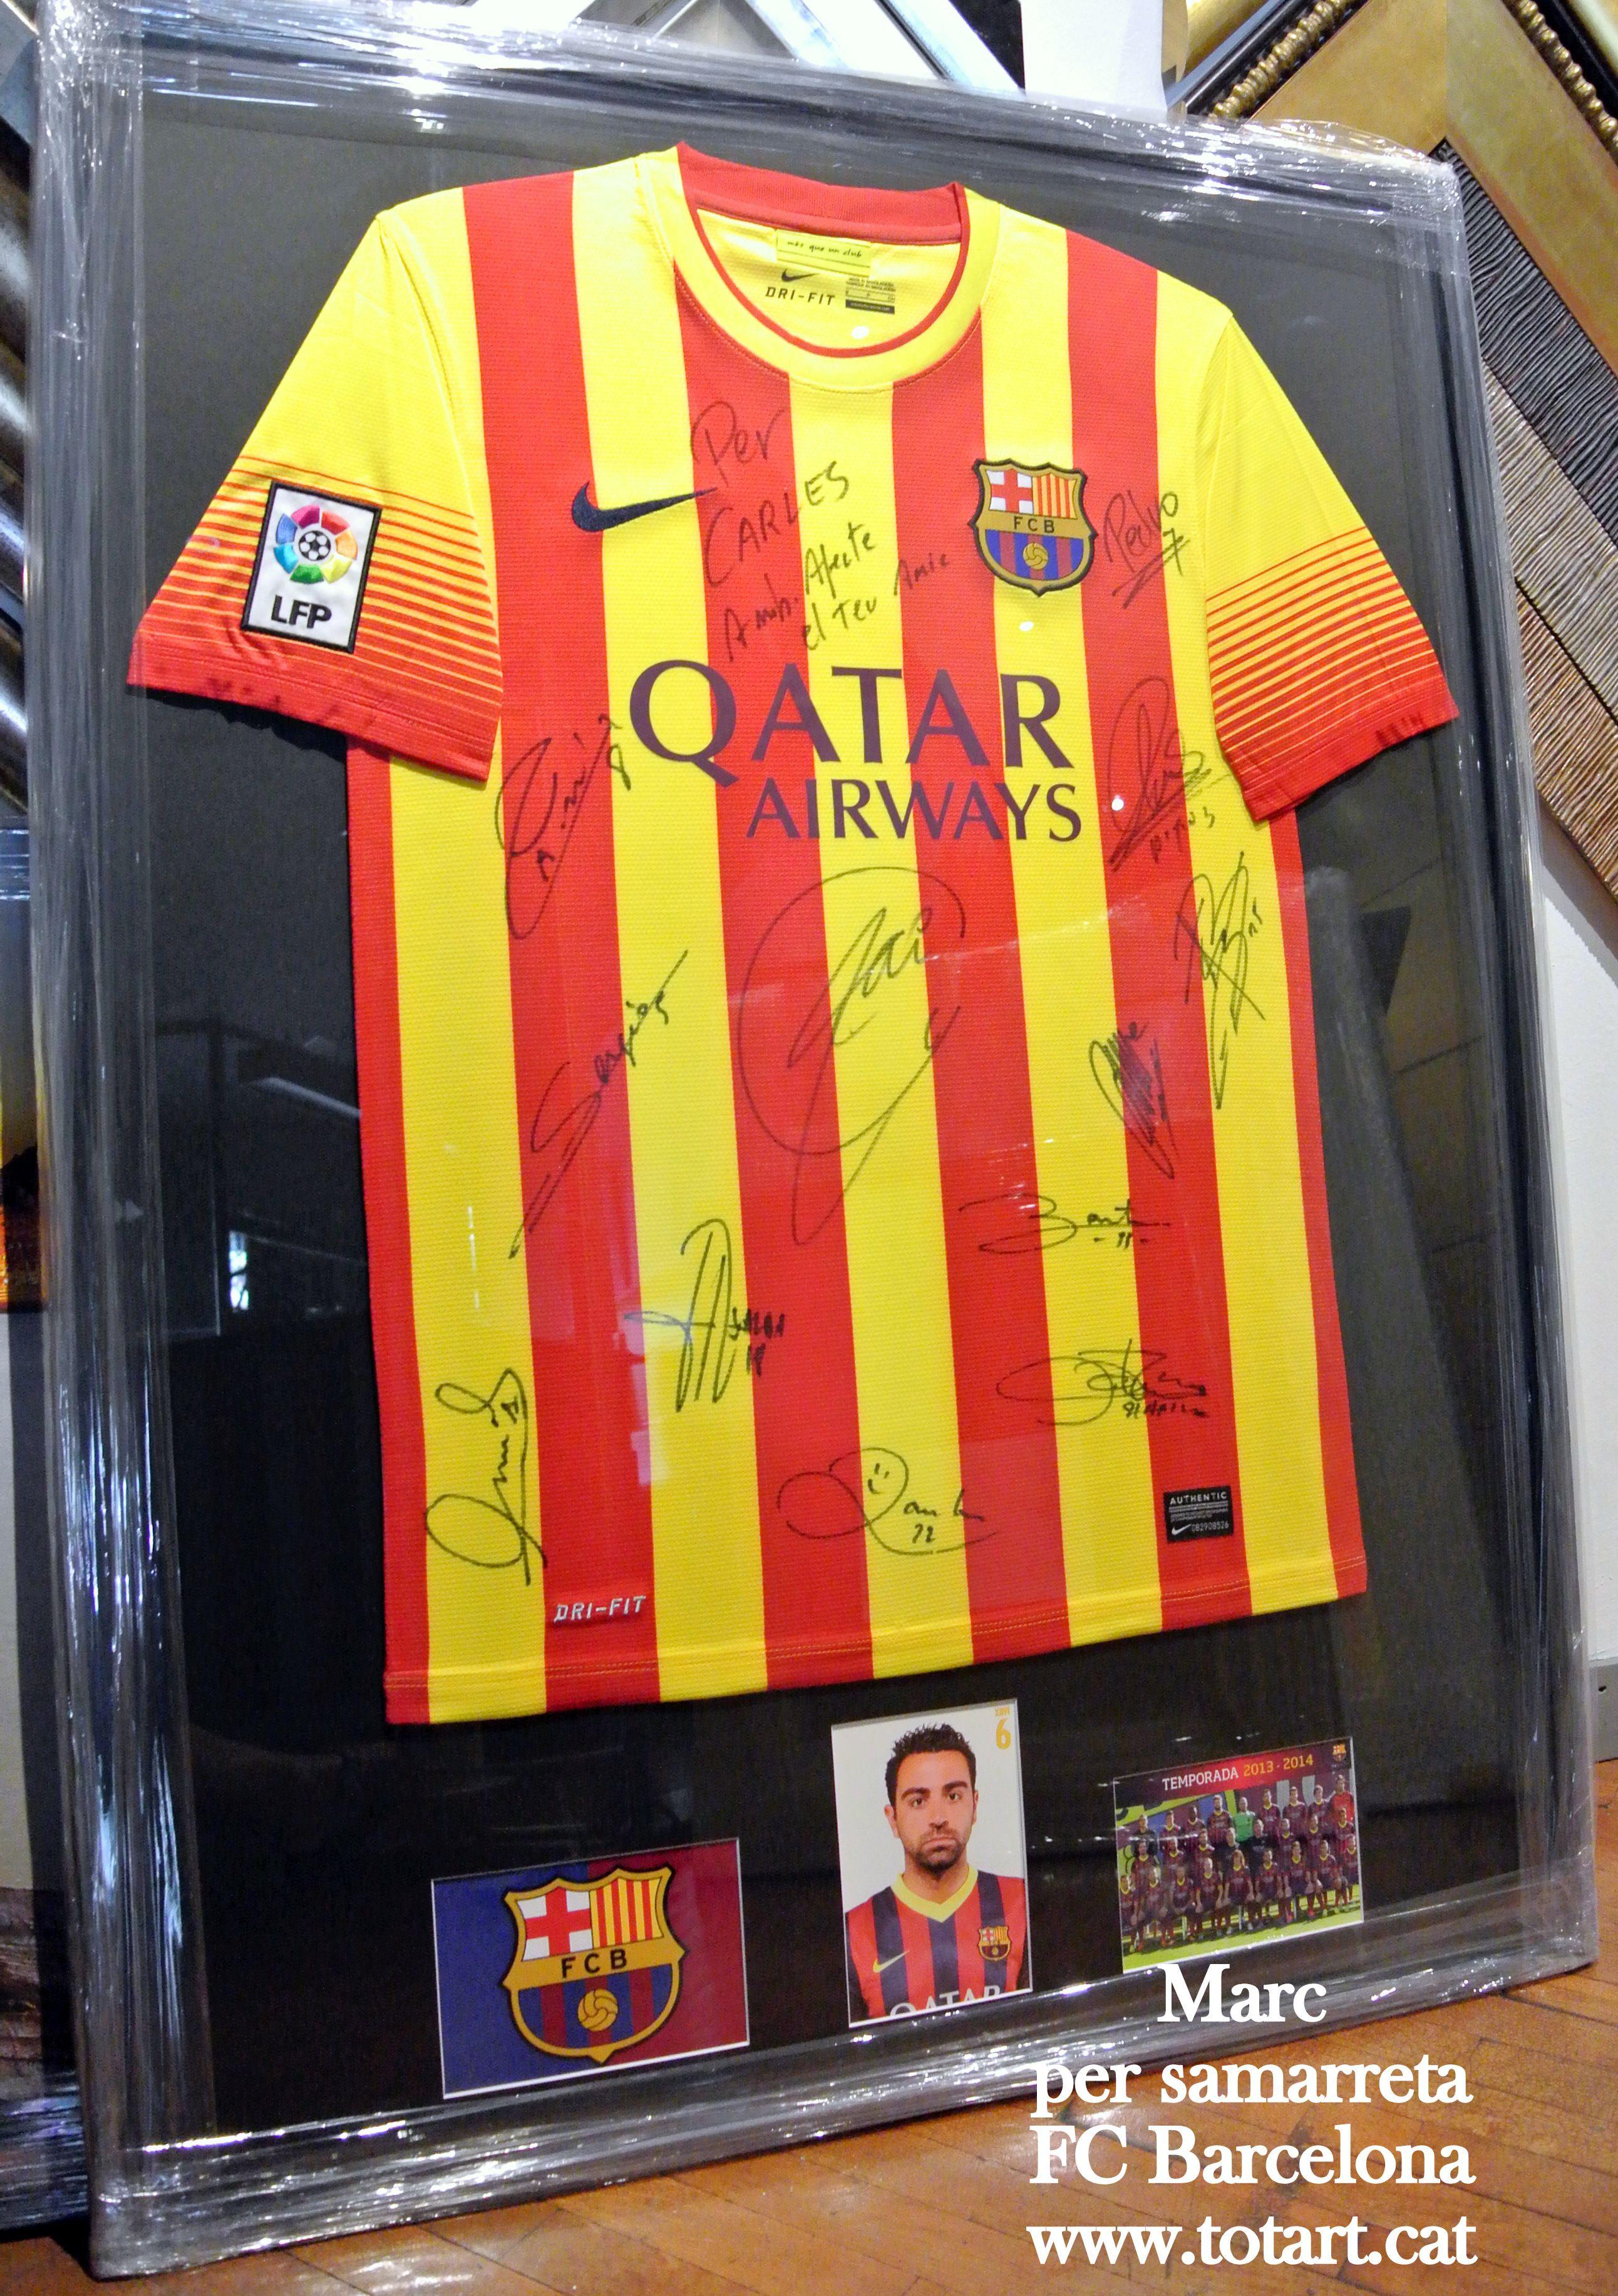 F Club Barcelona totart.cat #cuadro #qatar #fcbarcelona #enmarcar ...